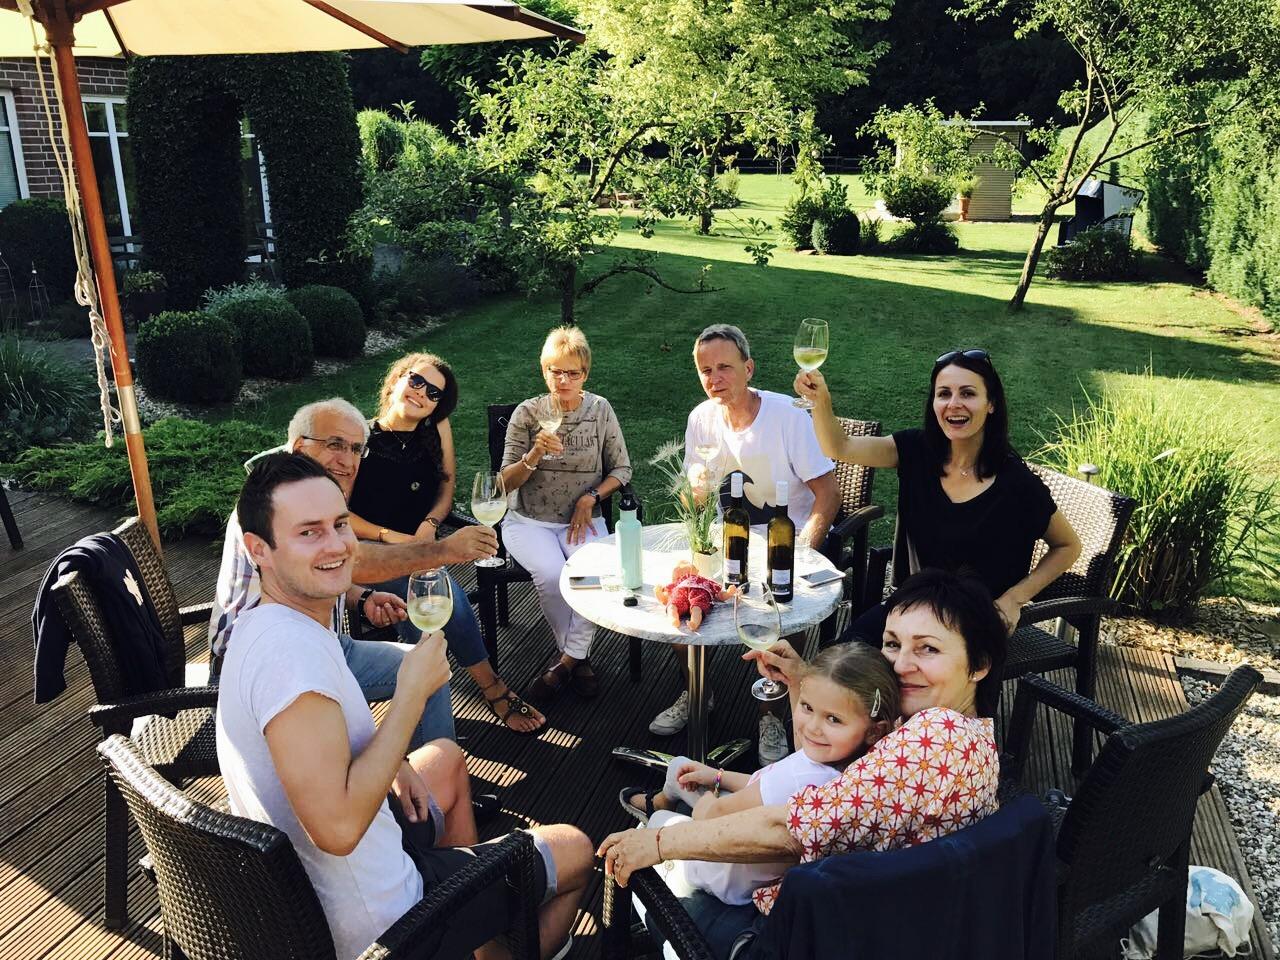 Familie in einem Garten am Tisch sitzend, Hotel Waldblick Deppe in Bad Waldliesborn